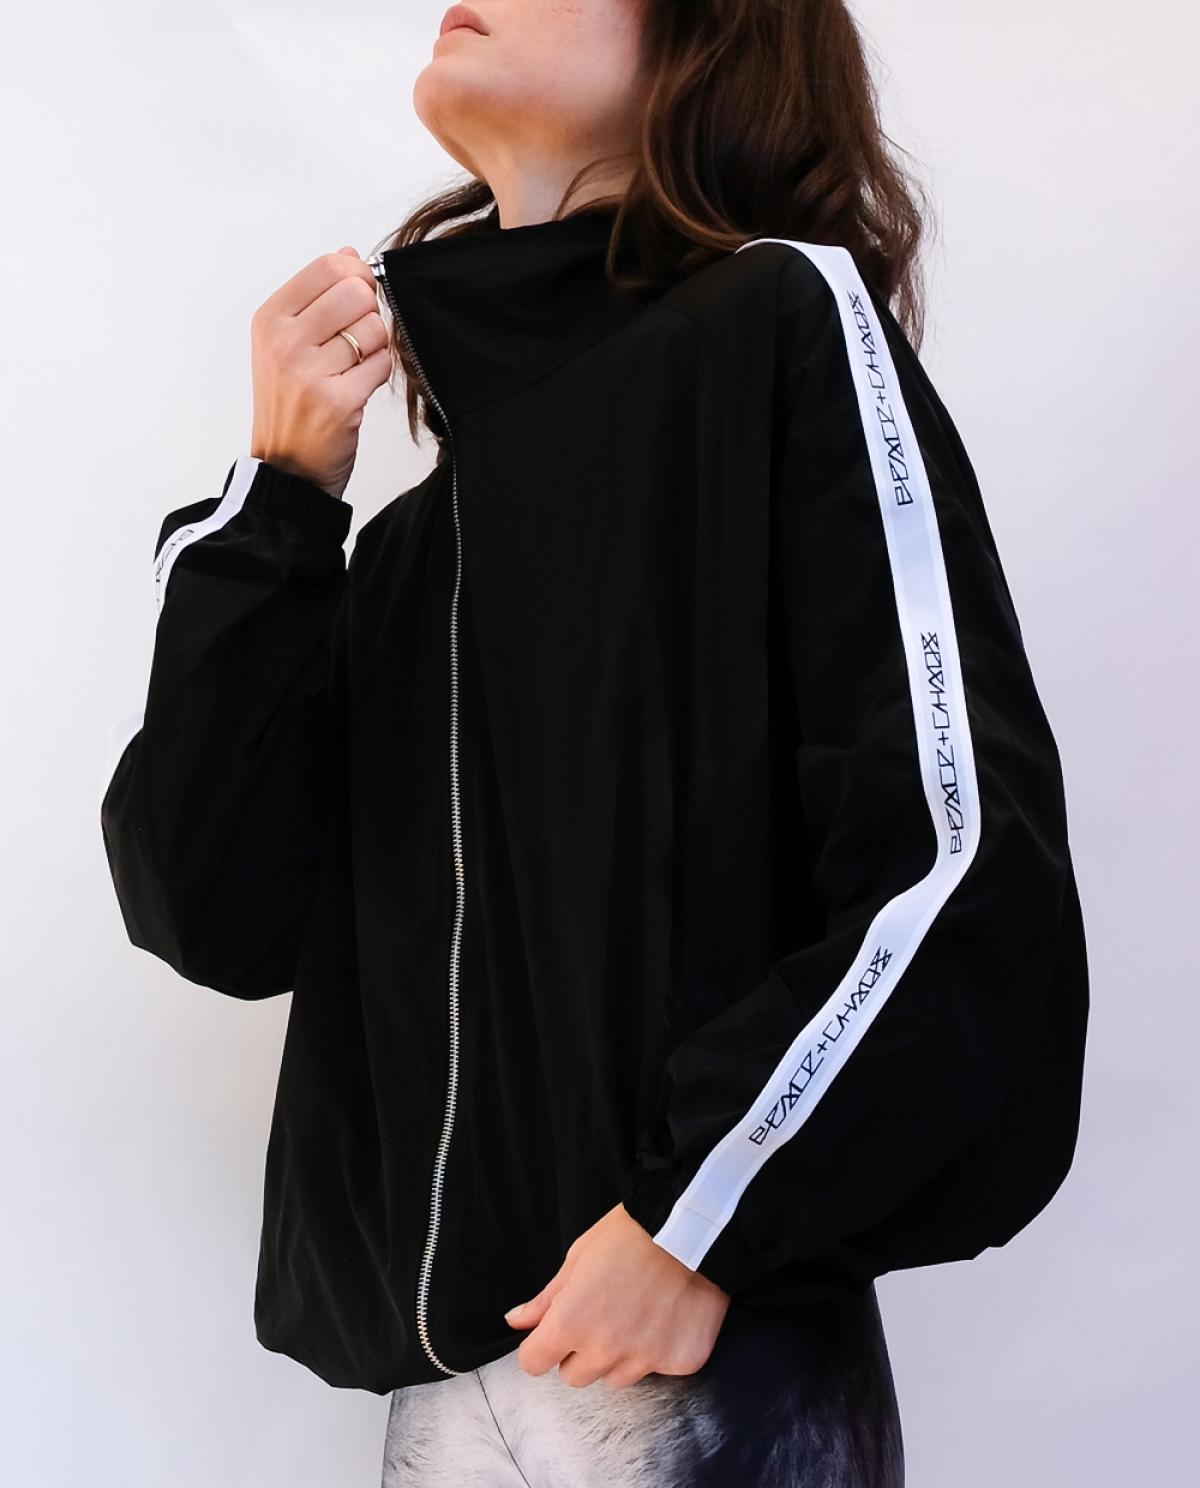 Ghetto Bomber Jacket